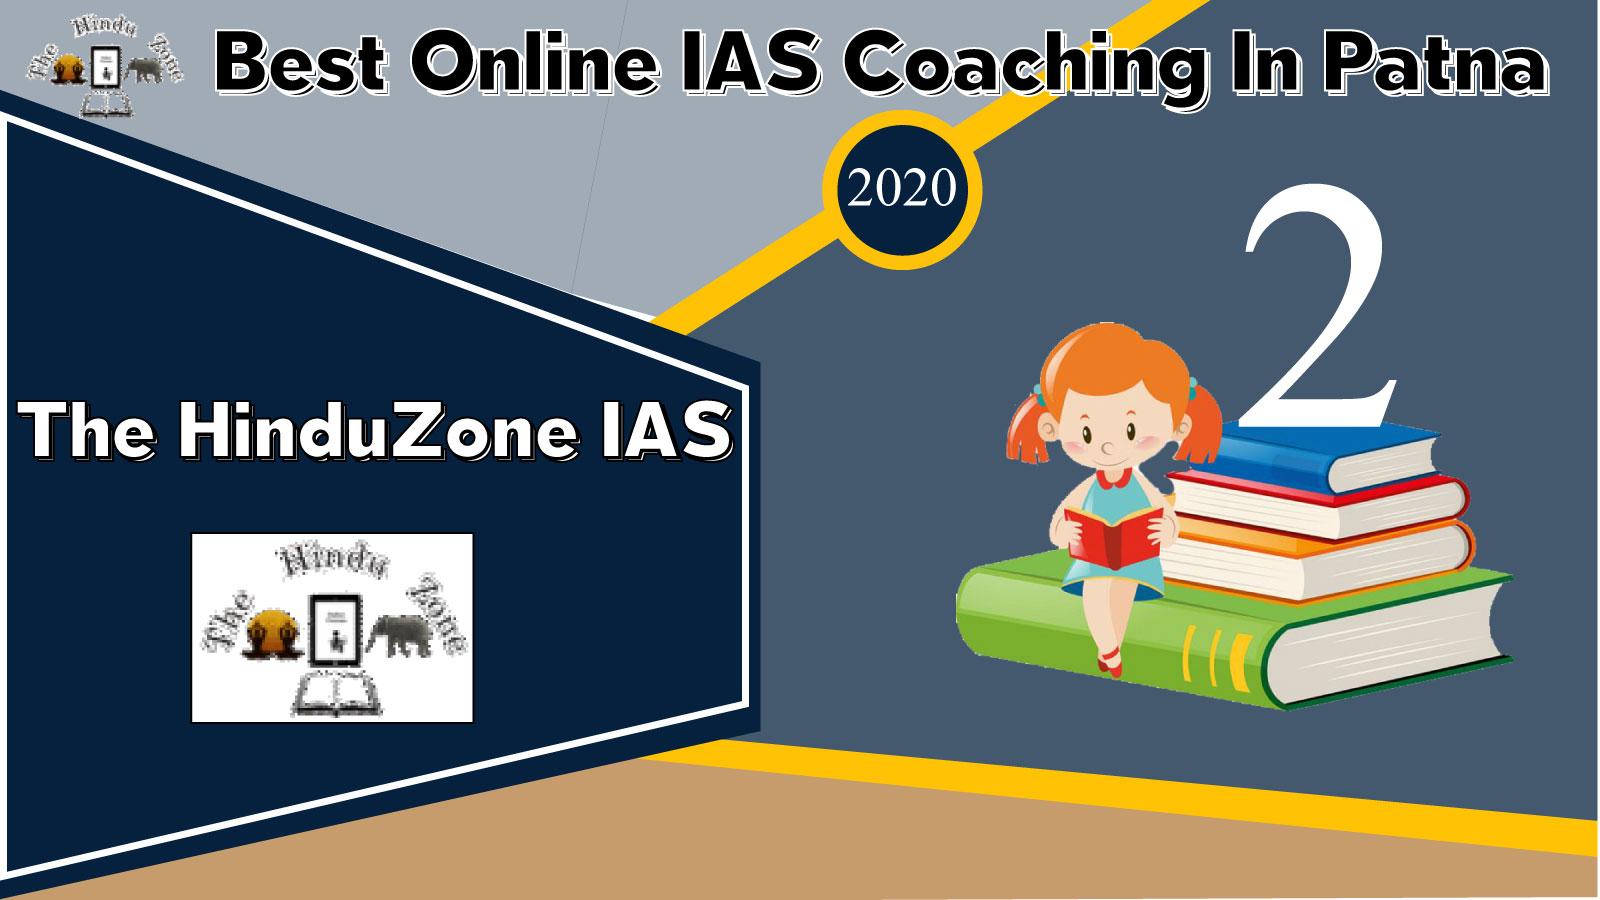 The Hindu Zone IAS Coaching In Patna